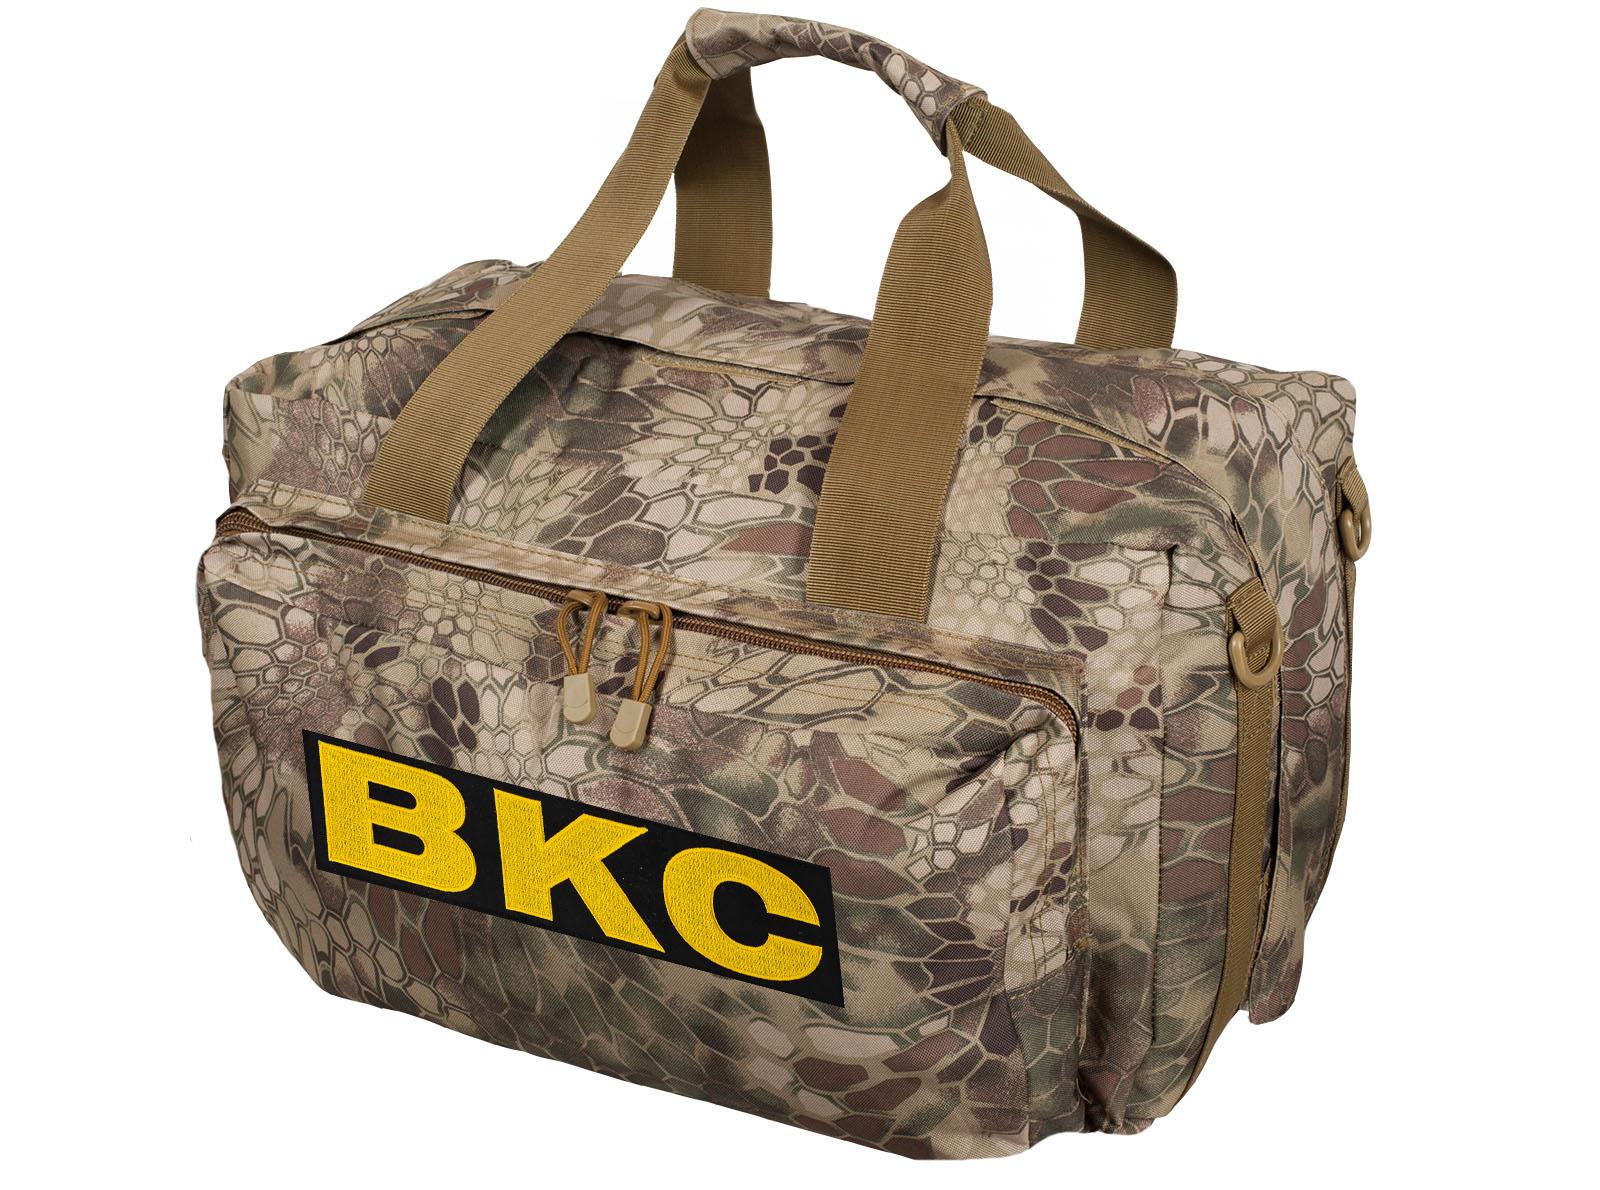 Тактическая сумка для походов с нашивкой ВКС